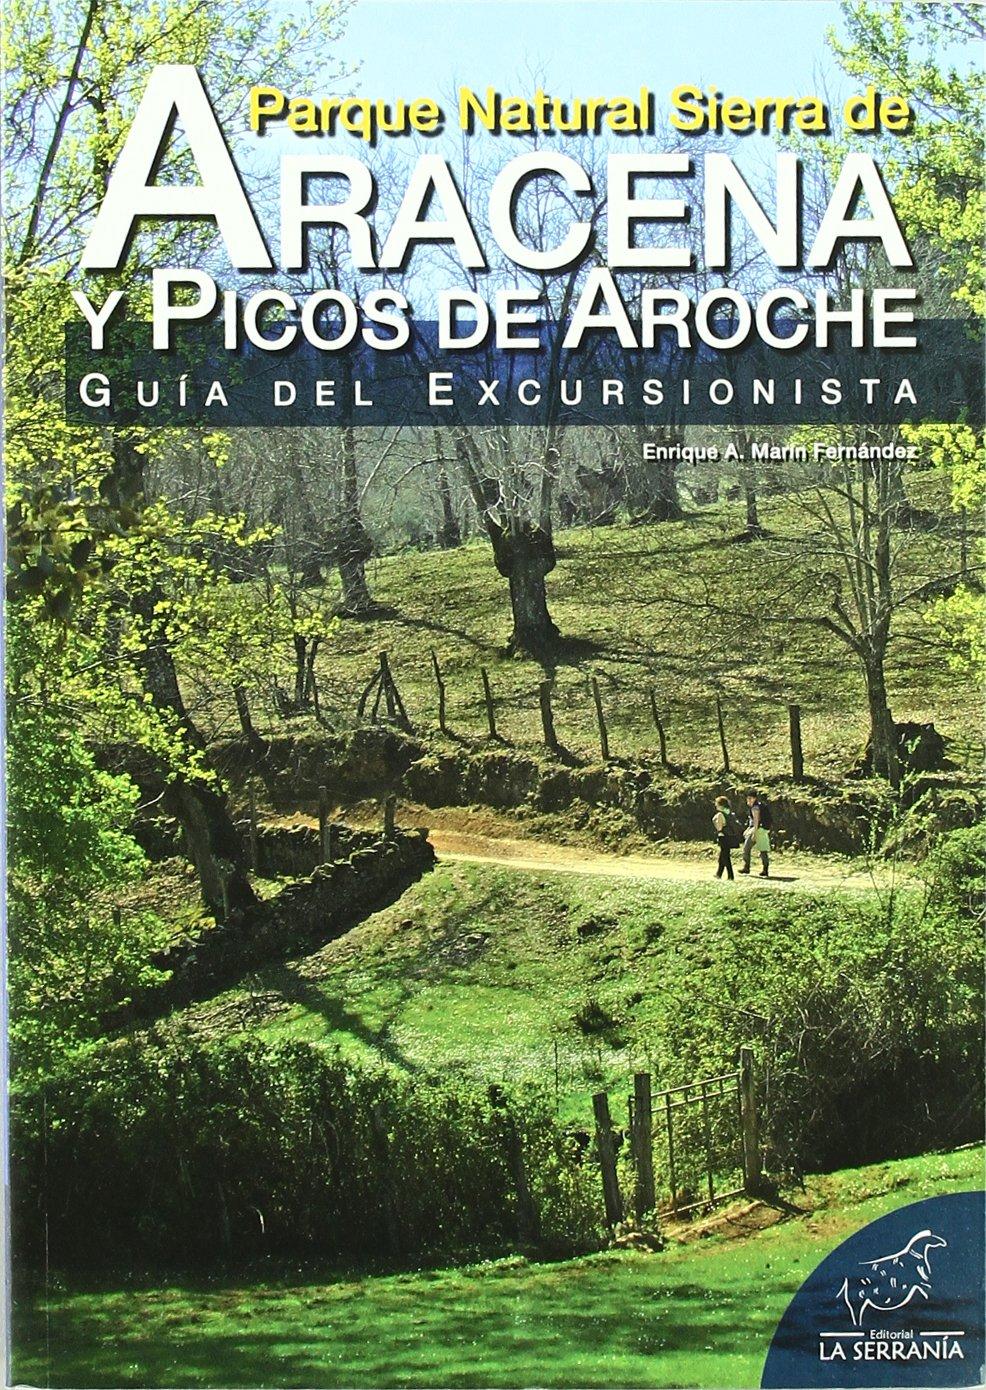 Parque Natural Sierra de Aracena y Picos de Aroche: Guía del excursionista Serie guías: Amazon.es: Marín Fernández, Enrique A.: Libros